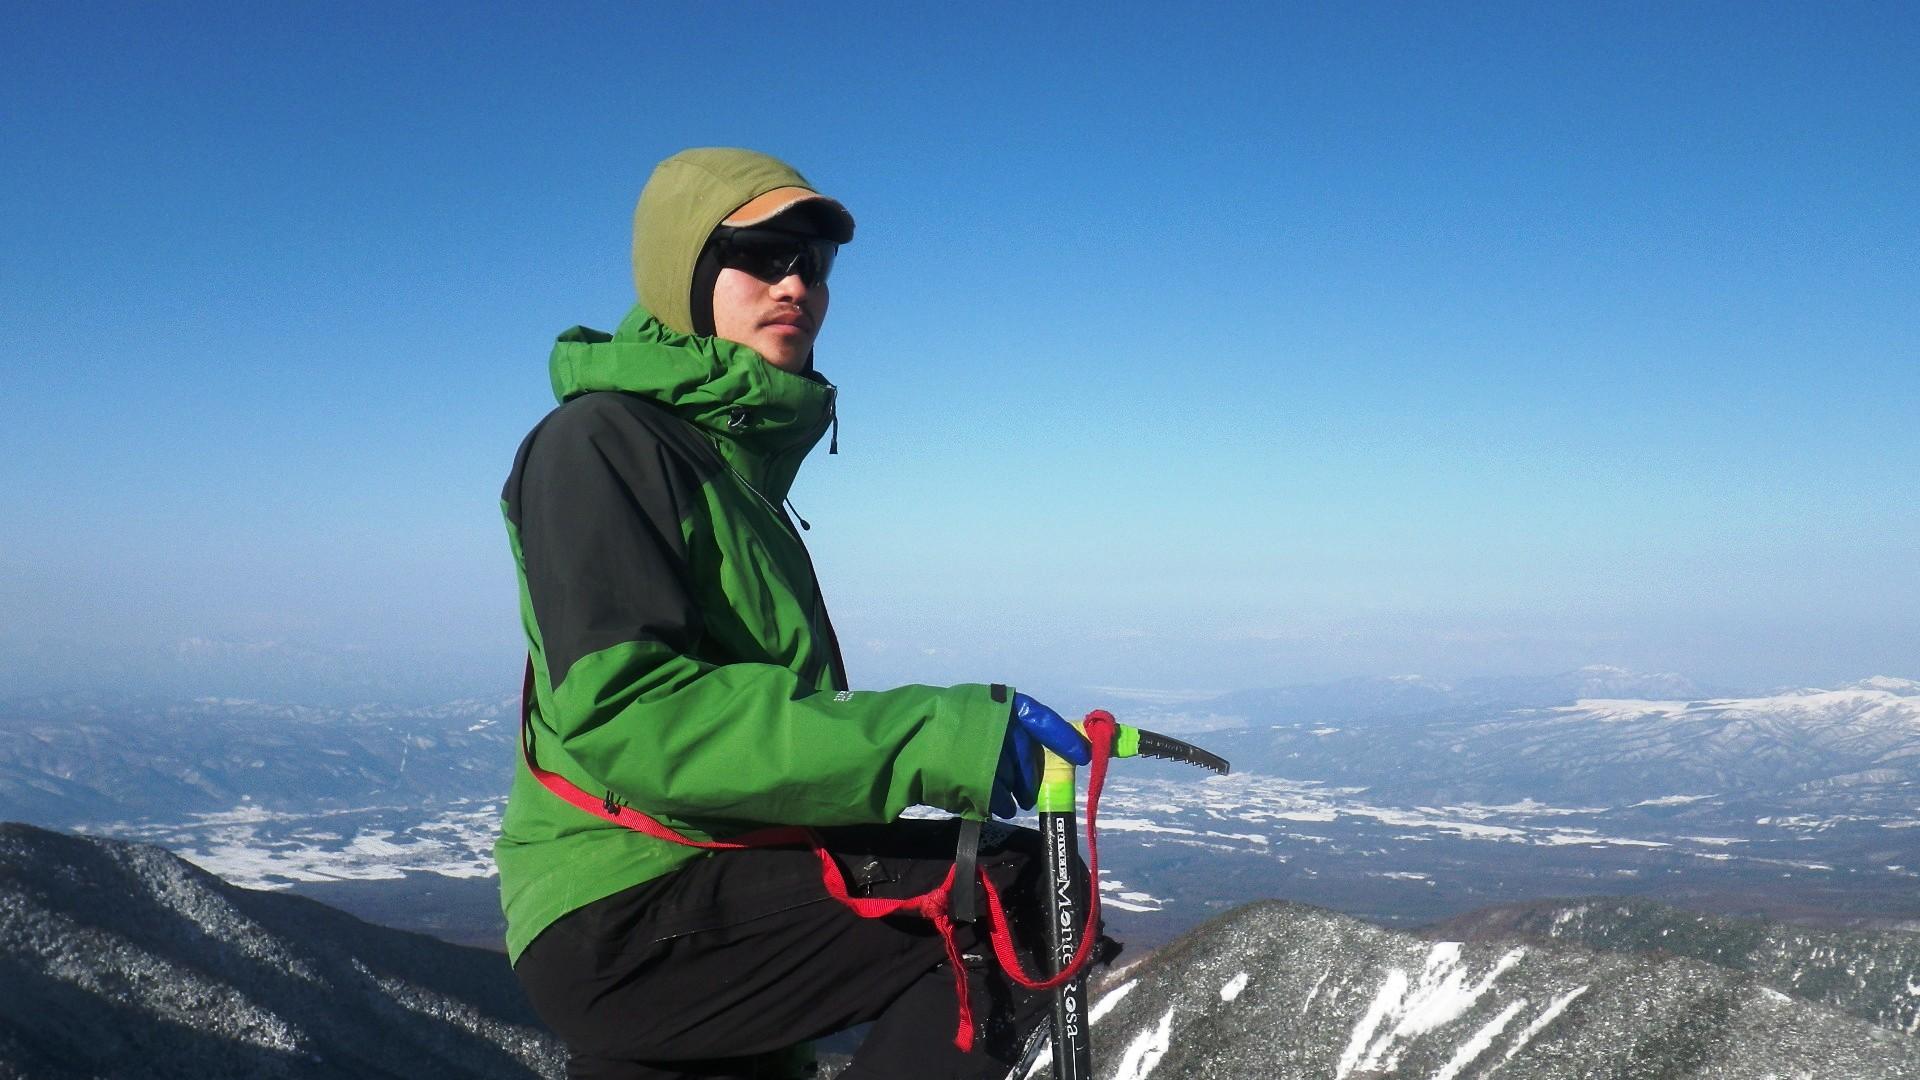 冬の八ヶ岳にSACが集う【八ヶ岳キレット縦走】_d0237801_1191477.jpg